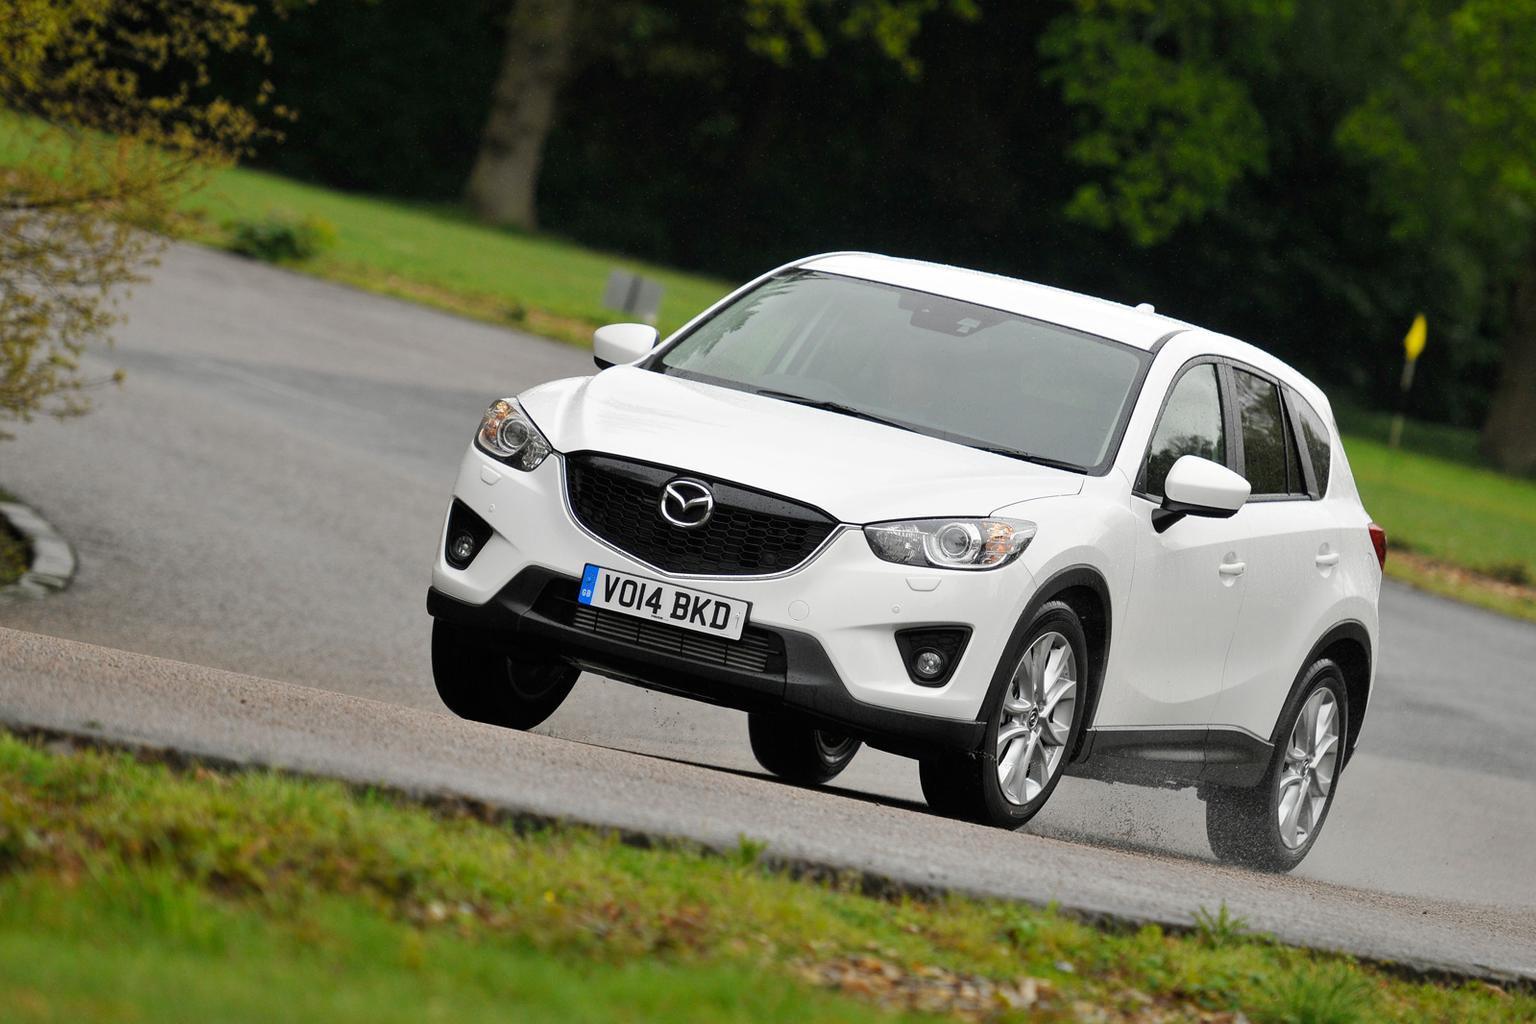 2014 Mazda CX-5 2.2D 150 AWD auto review